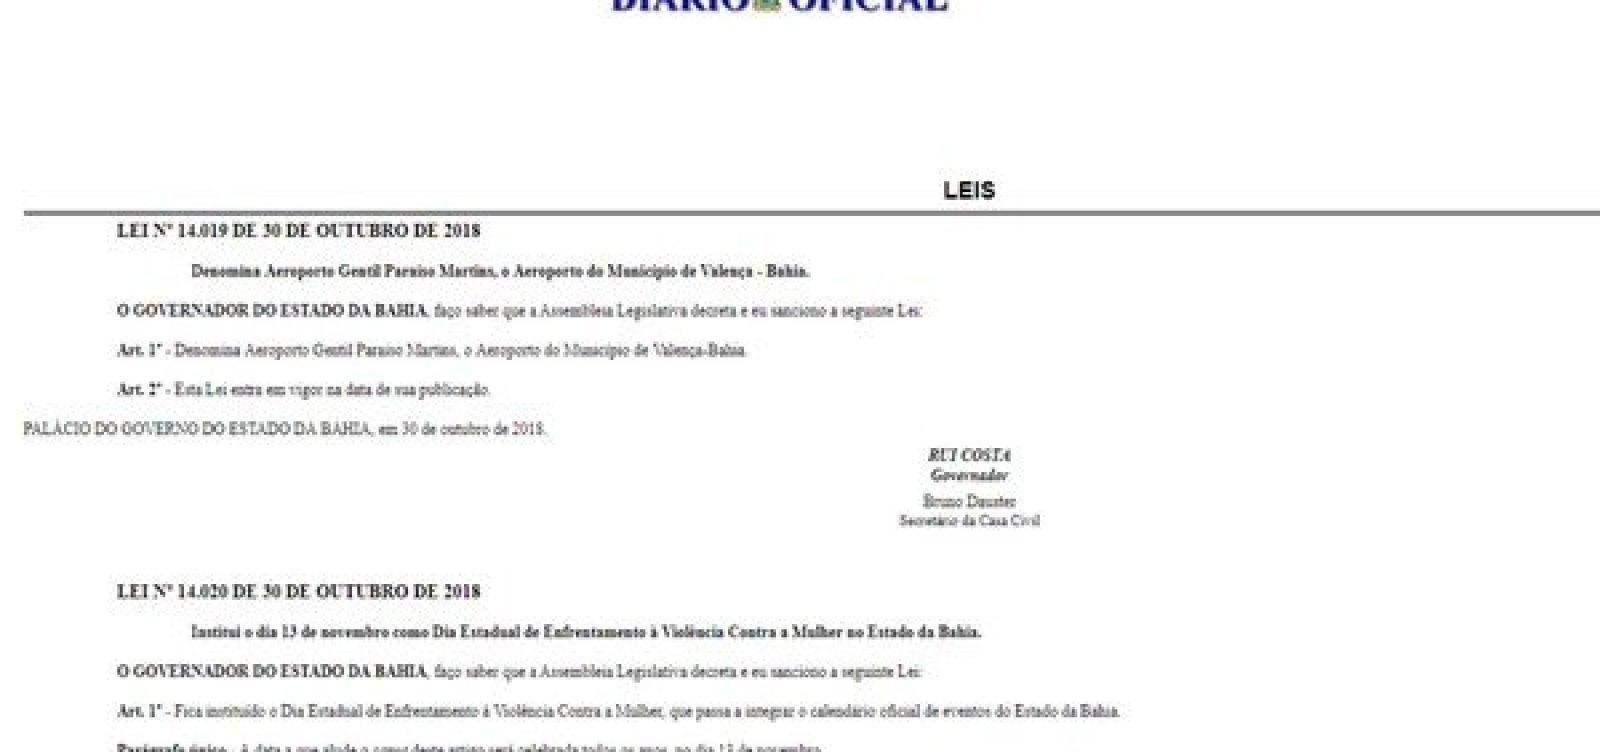 Governo institui 'Dia Estadual de Enfrentamento à Violência Contra a Mulher' na Bahia